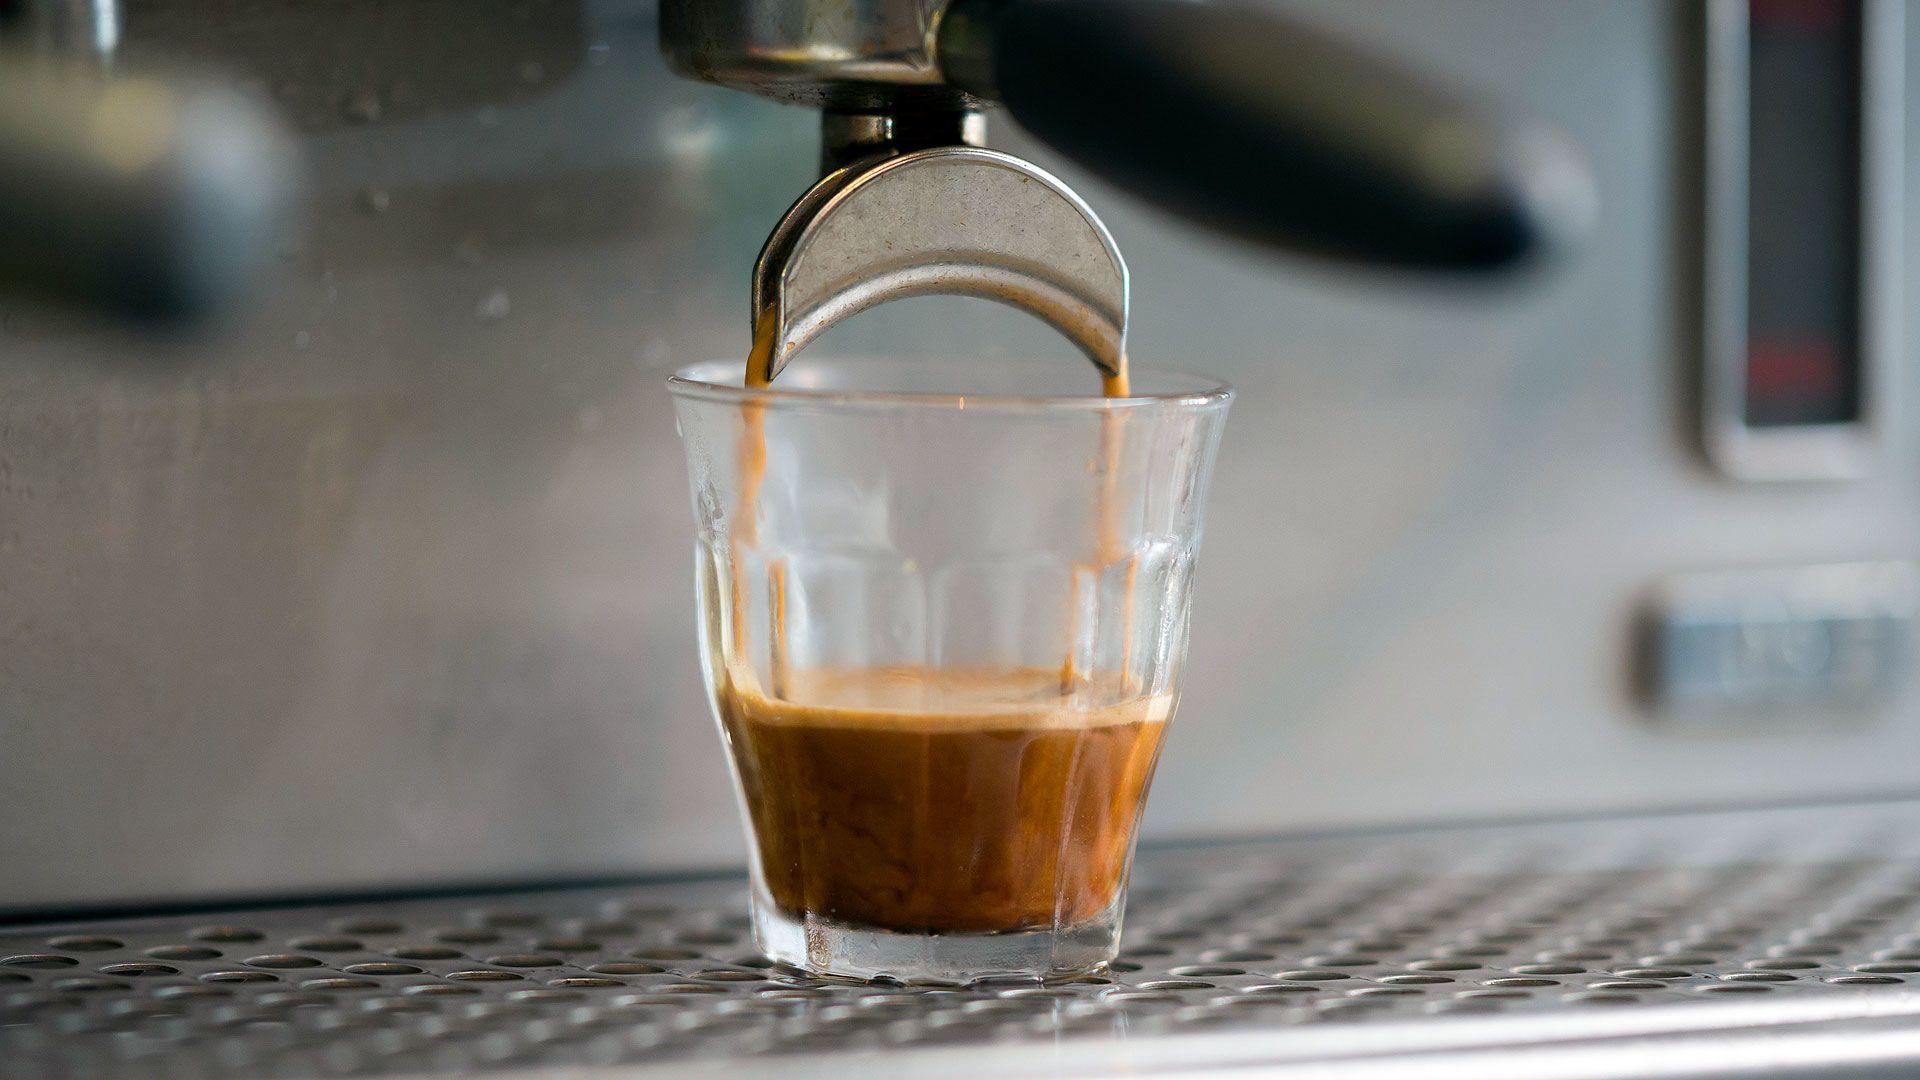 Zöld Kávé hatása • Zsírégető, Fogyás • Zöld kávé kapszula